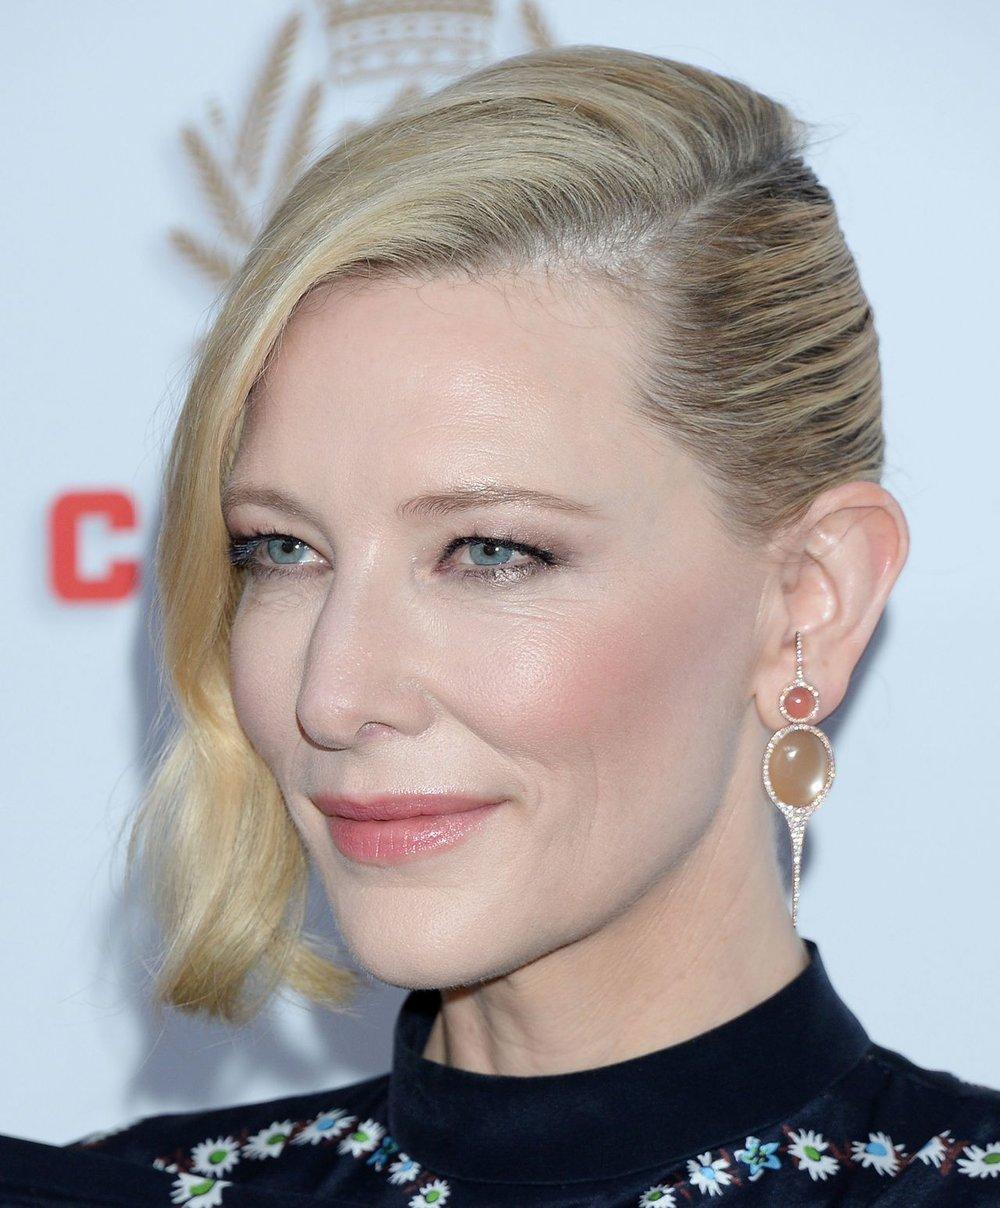 VRAM Jewelry Cate Blanchett 2018 Britannia Awards